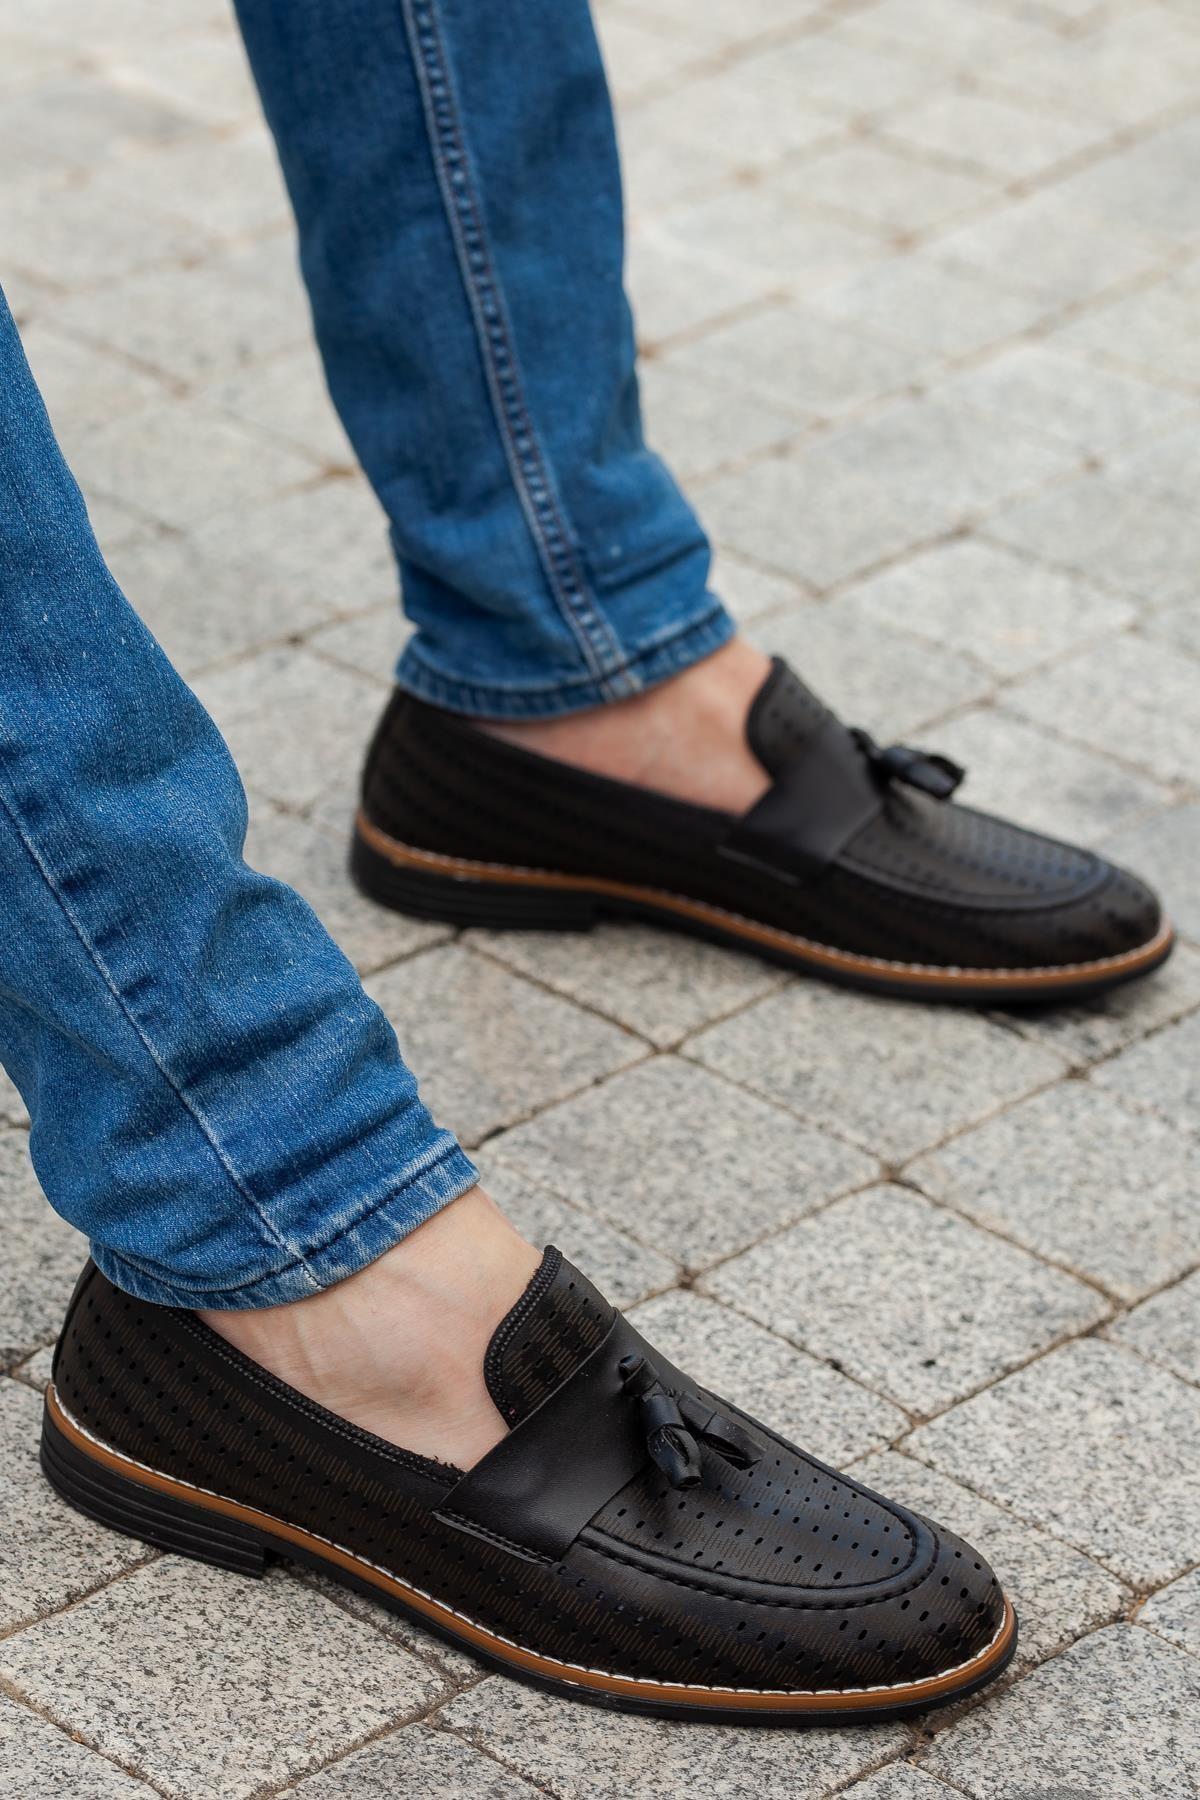 M750 Günlük Ortopedik Yazlık Erkek Ayakkabı